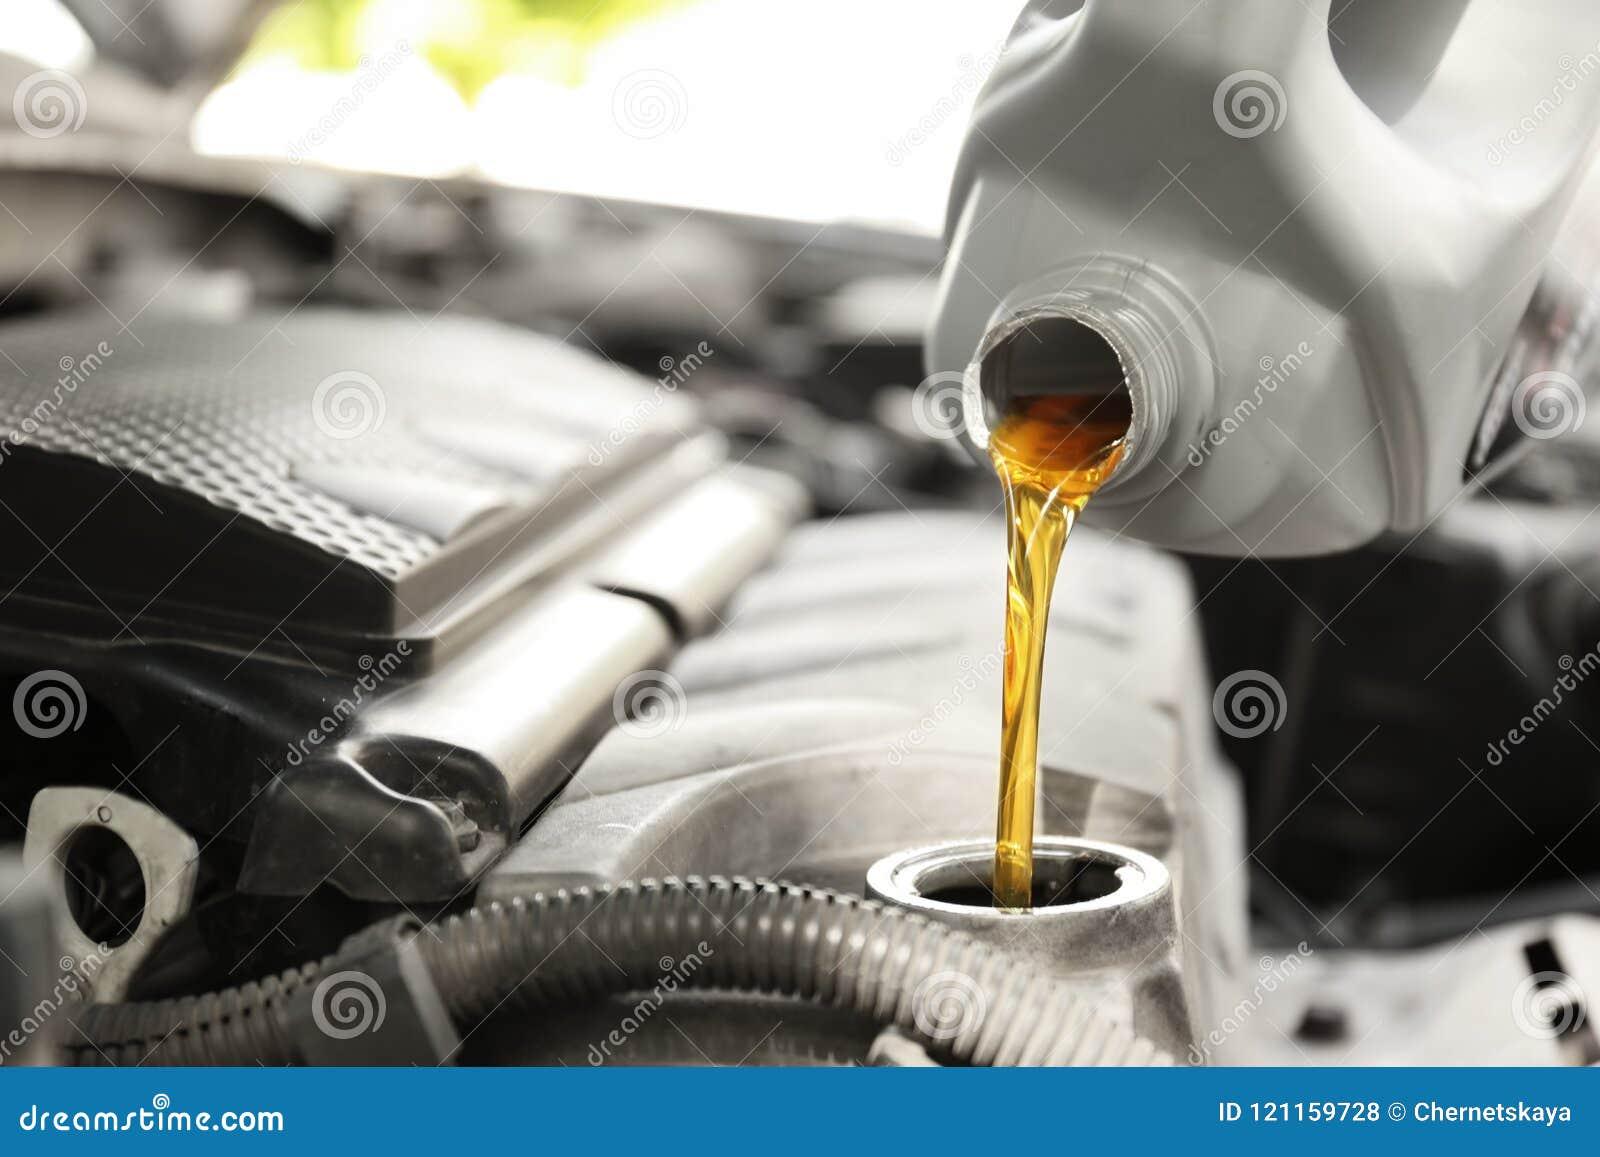 Auslaufendes Öl in Automotor